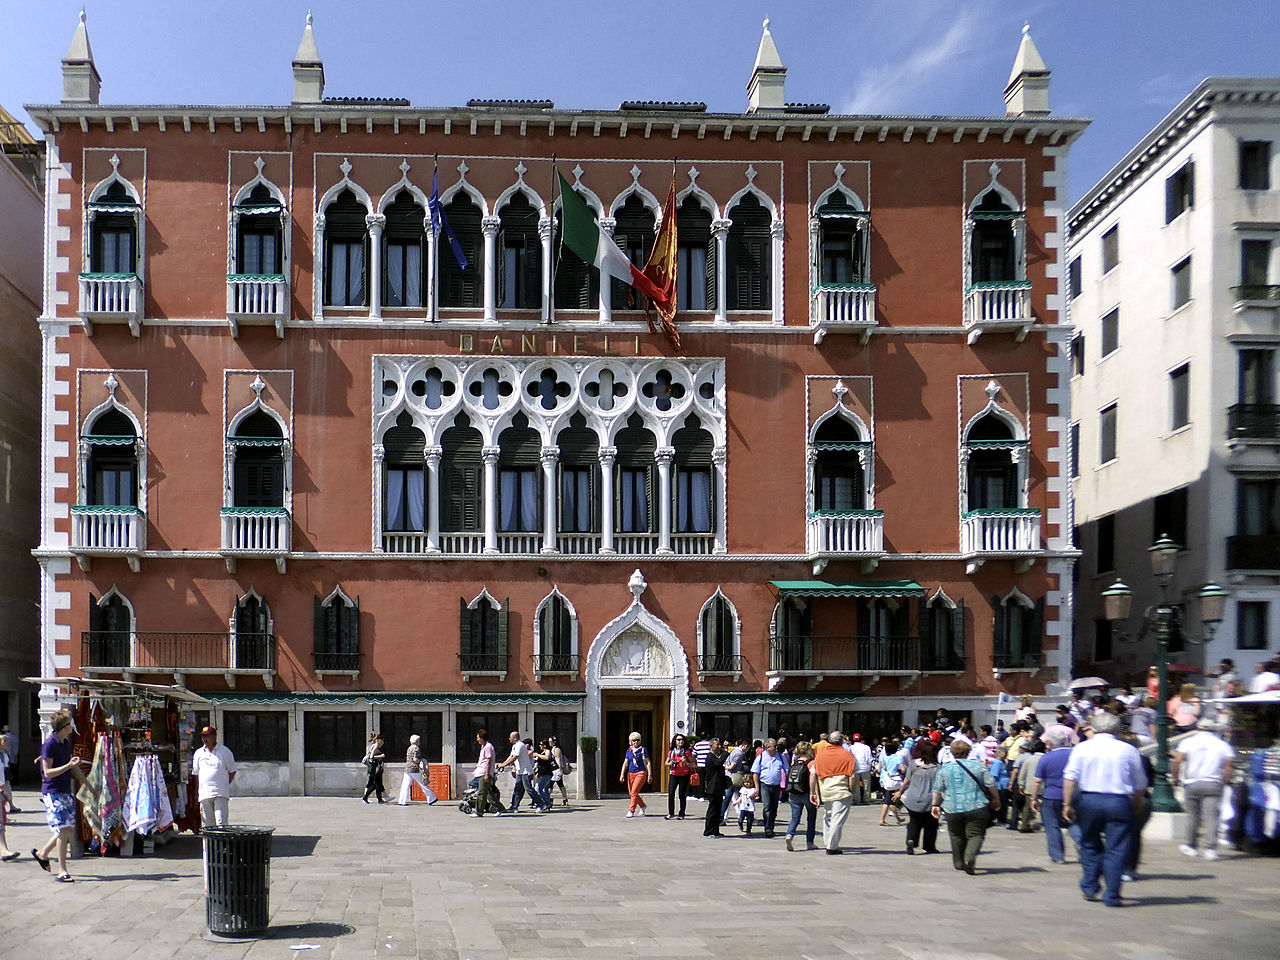 เวนิส-สถาปัตยกรรมงดงาม